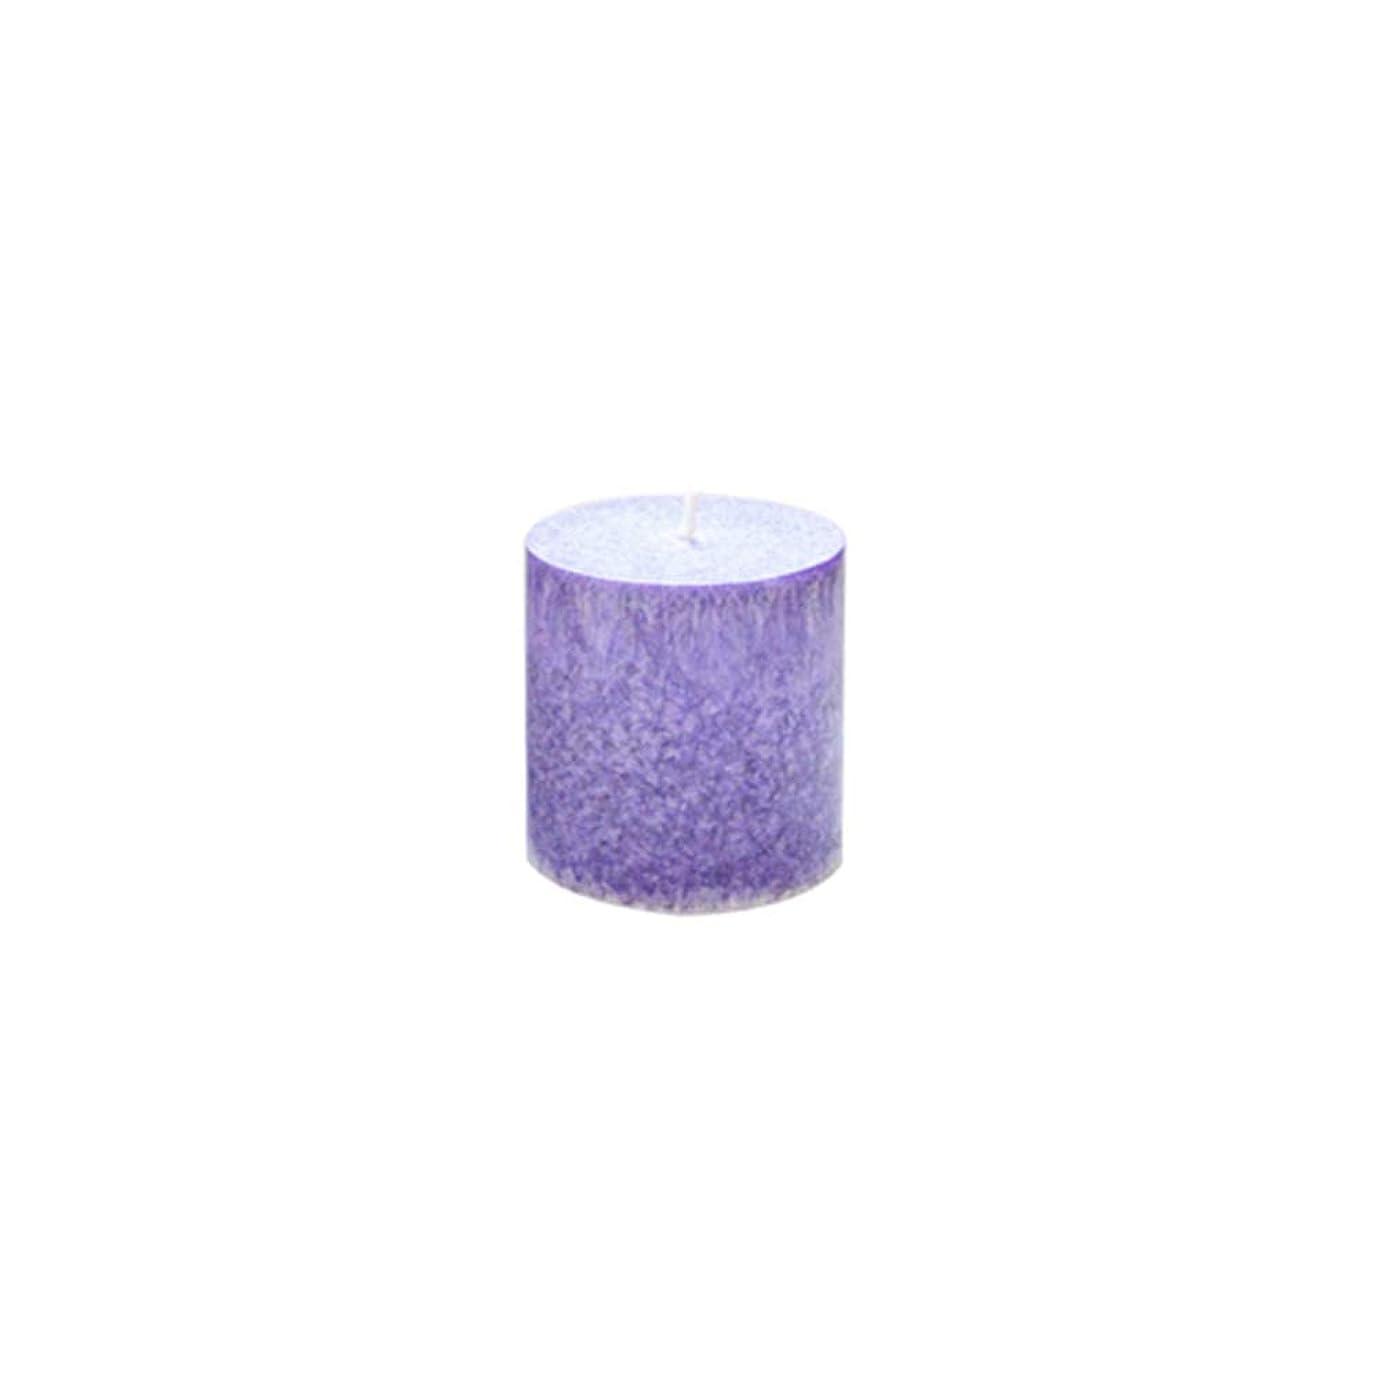 村切り下げ遺体安置所Rakuby 香料入り 蝋燭 ロマンチック 紫色 ラベンダー アロマ療法 柱 蝋燭 祝祭 結婚祝い 無煙蝋燭